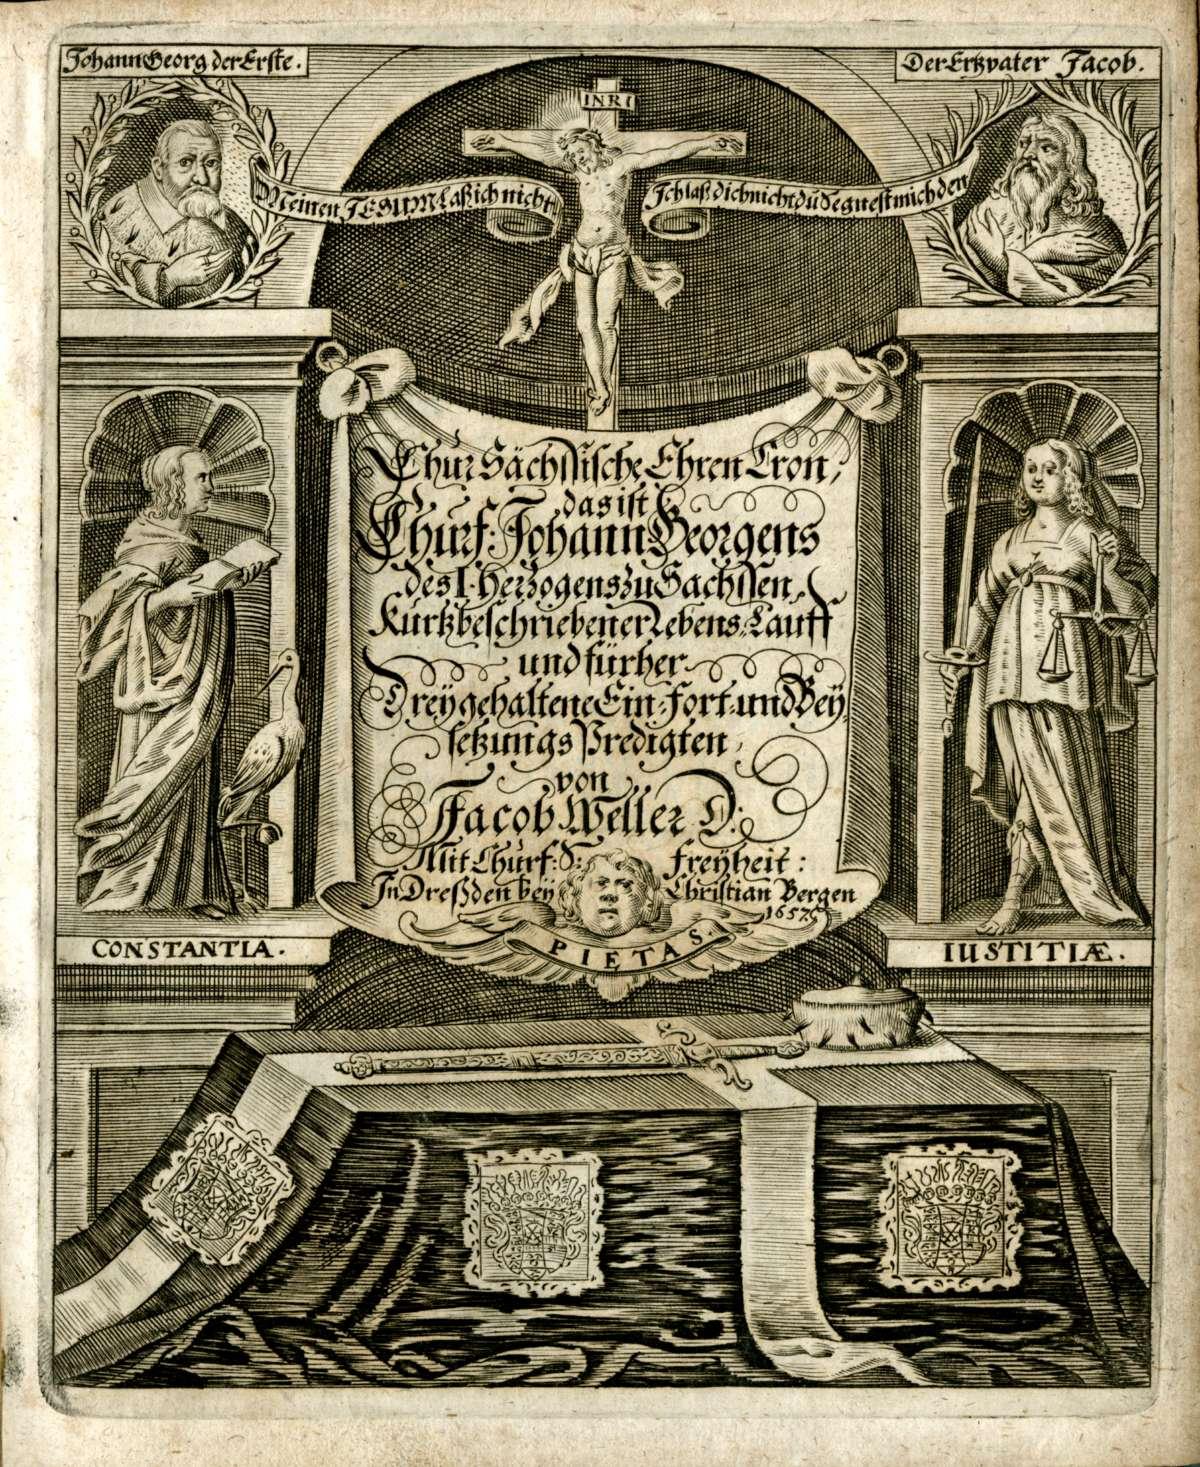 Leichenpredigten für Adlige, Bild 2